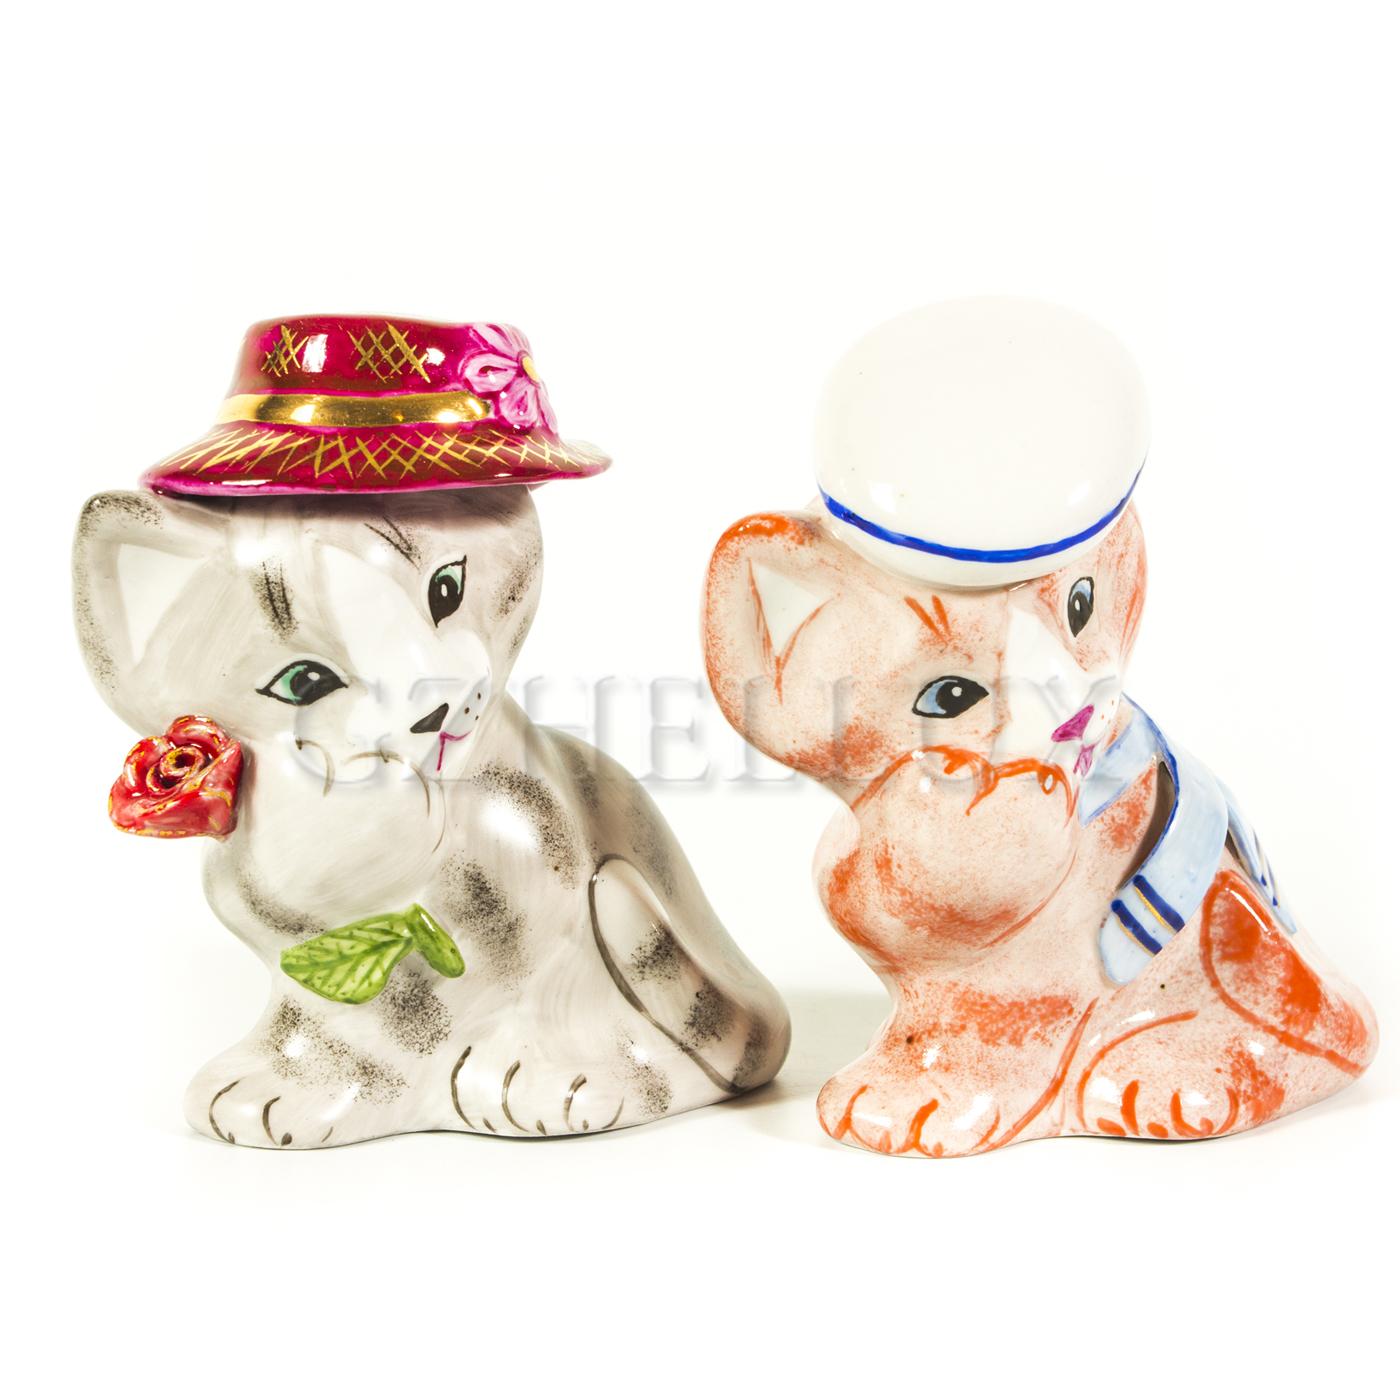 Скульптура «Кот в шляпе» в красках